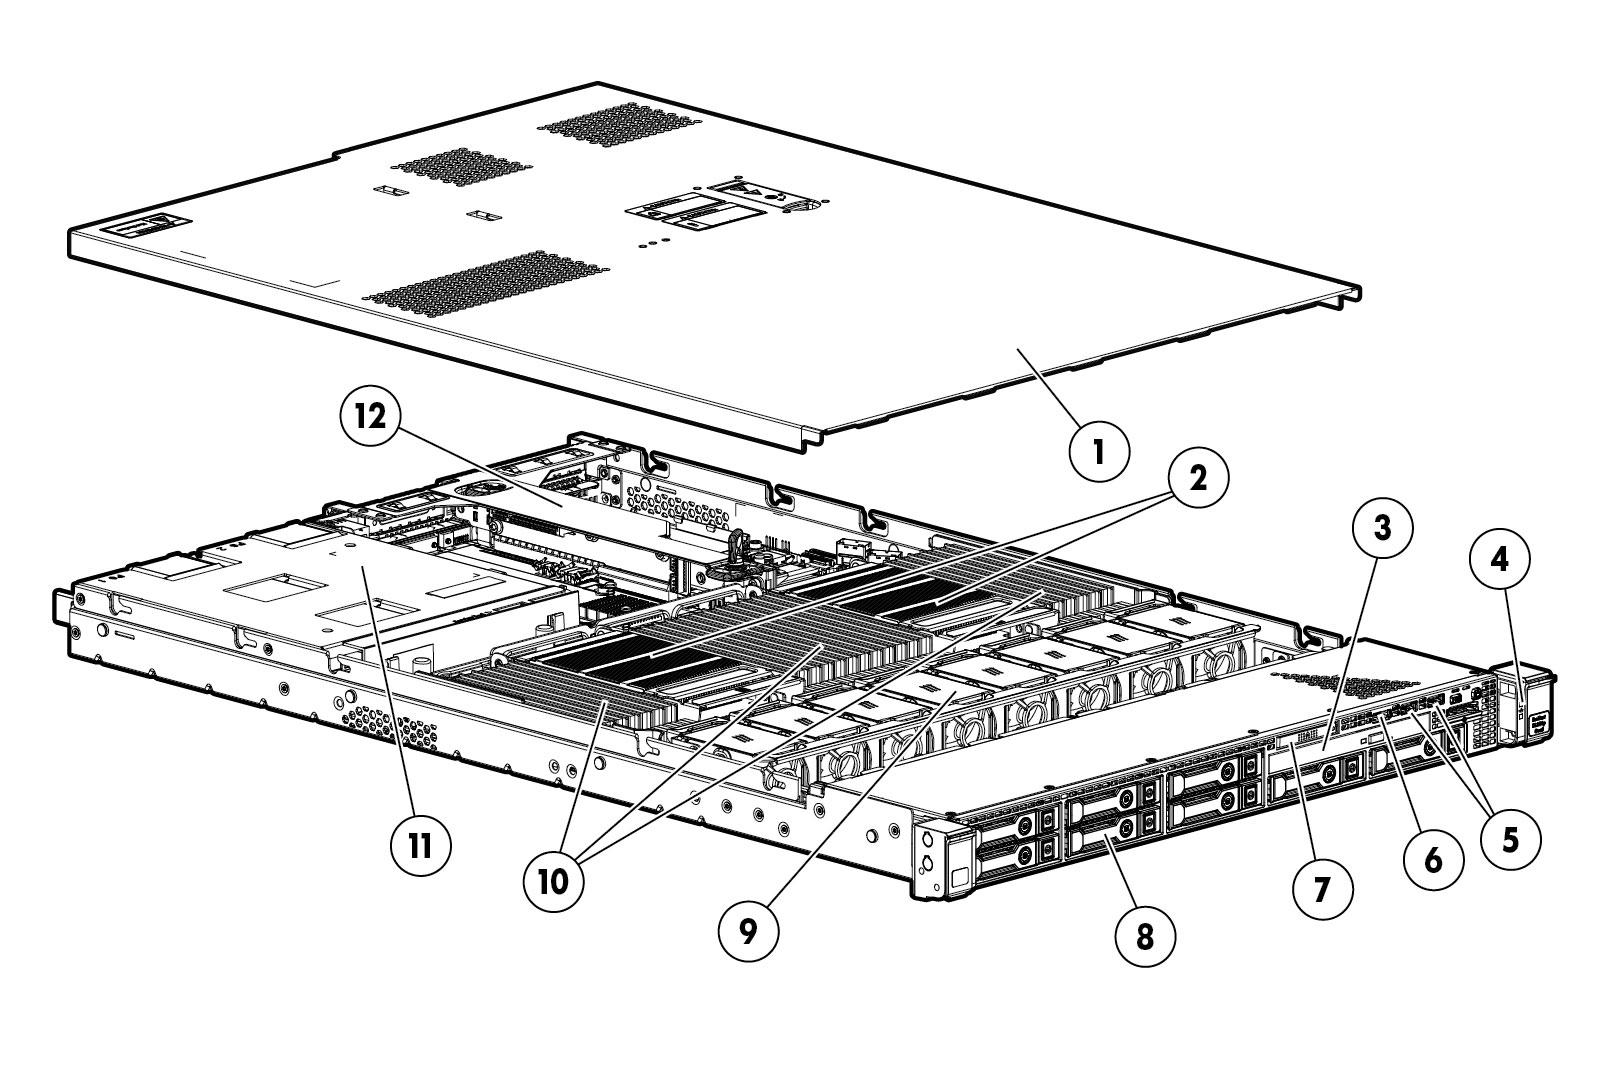 BL680C G7 QUICKSPECS EPUB DOWNLOAD